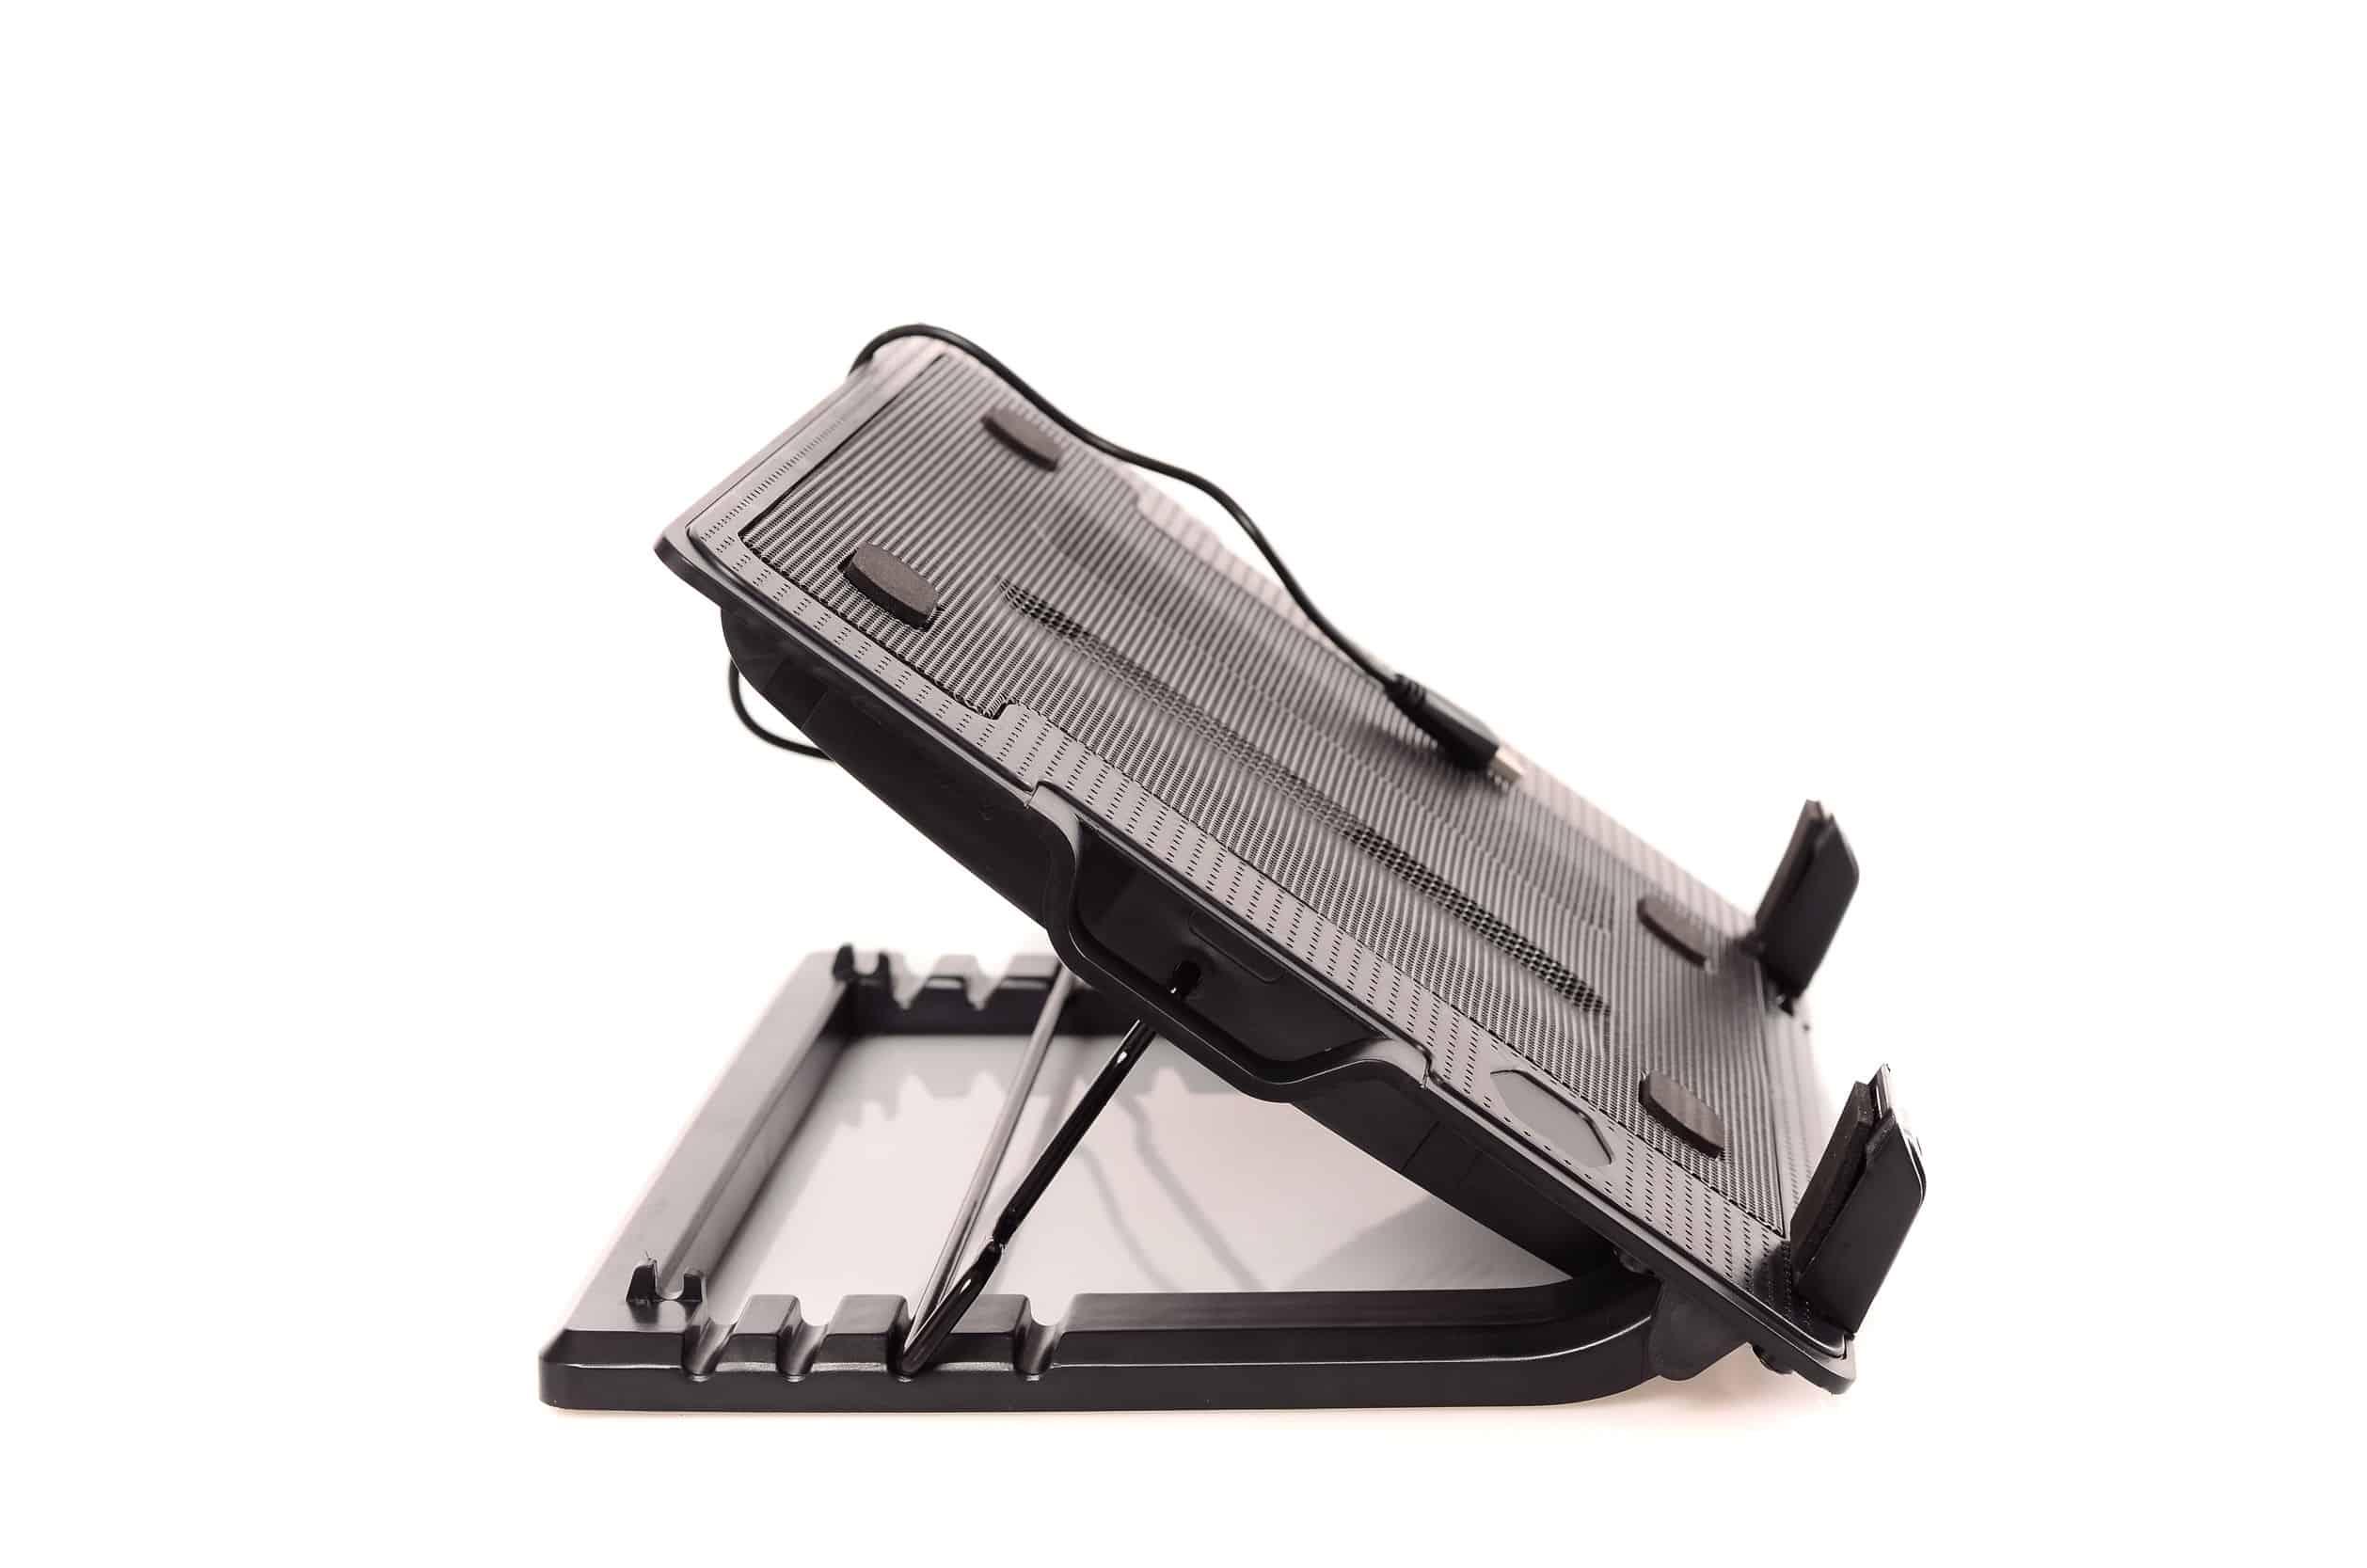 Base para notebook com regulagem de altura em visão lateral sobre fundo branco